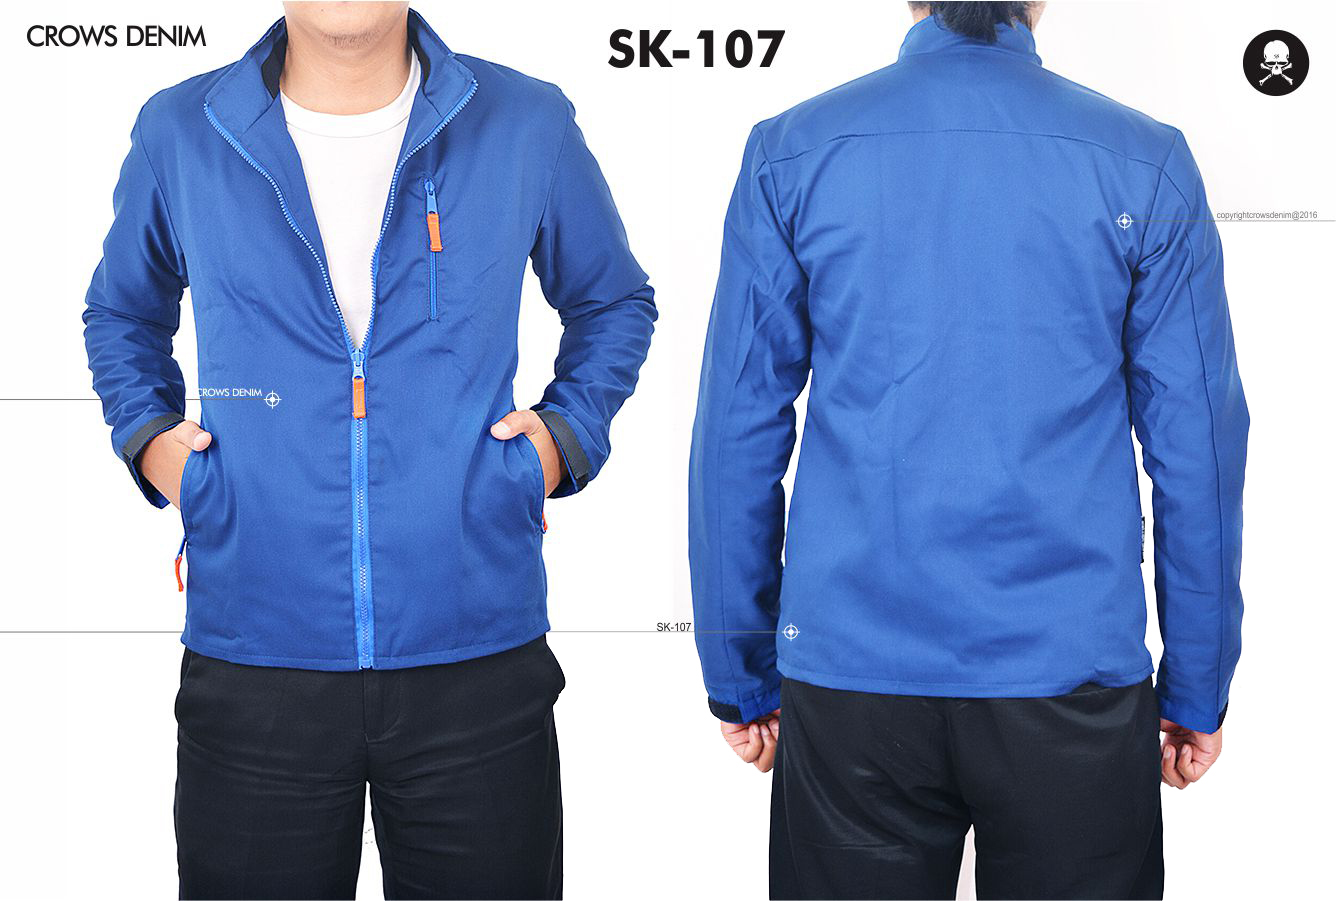 Terjual Jaket Korea Style Yang Mau Tampil Keren Masuk Agan Kaskus Kulit Korean Sk 80